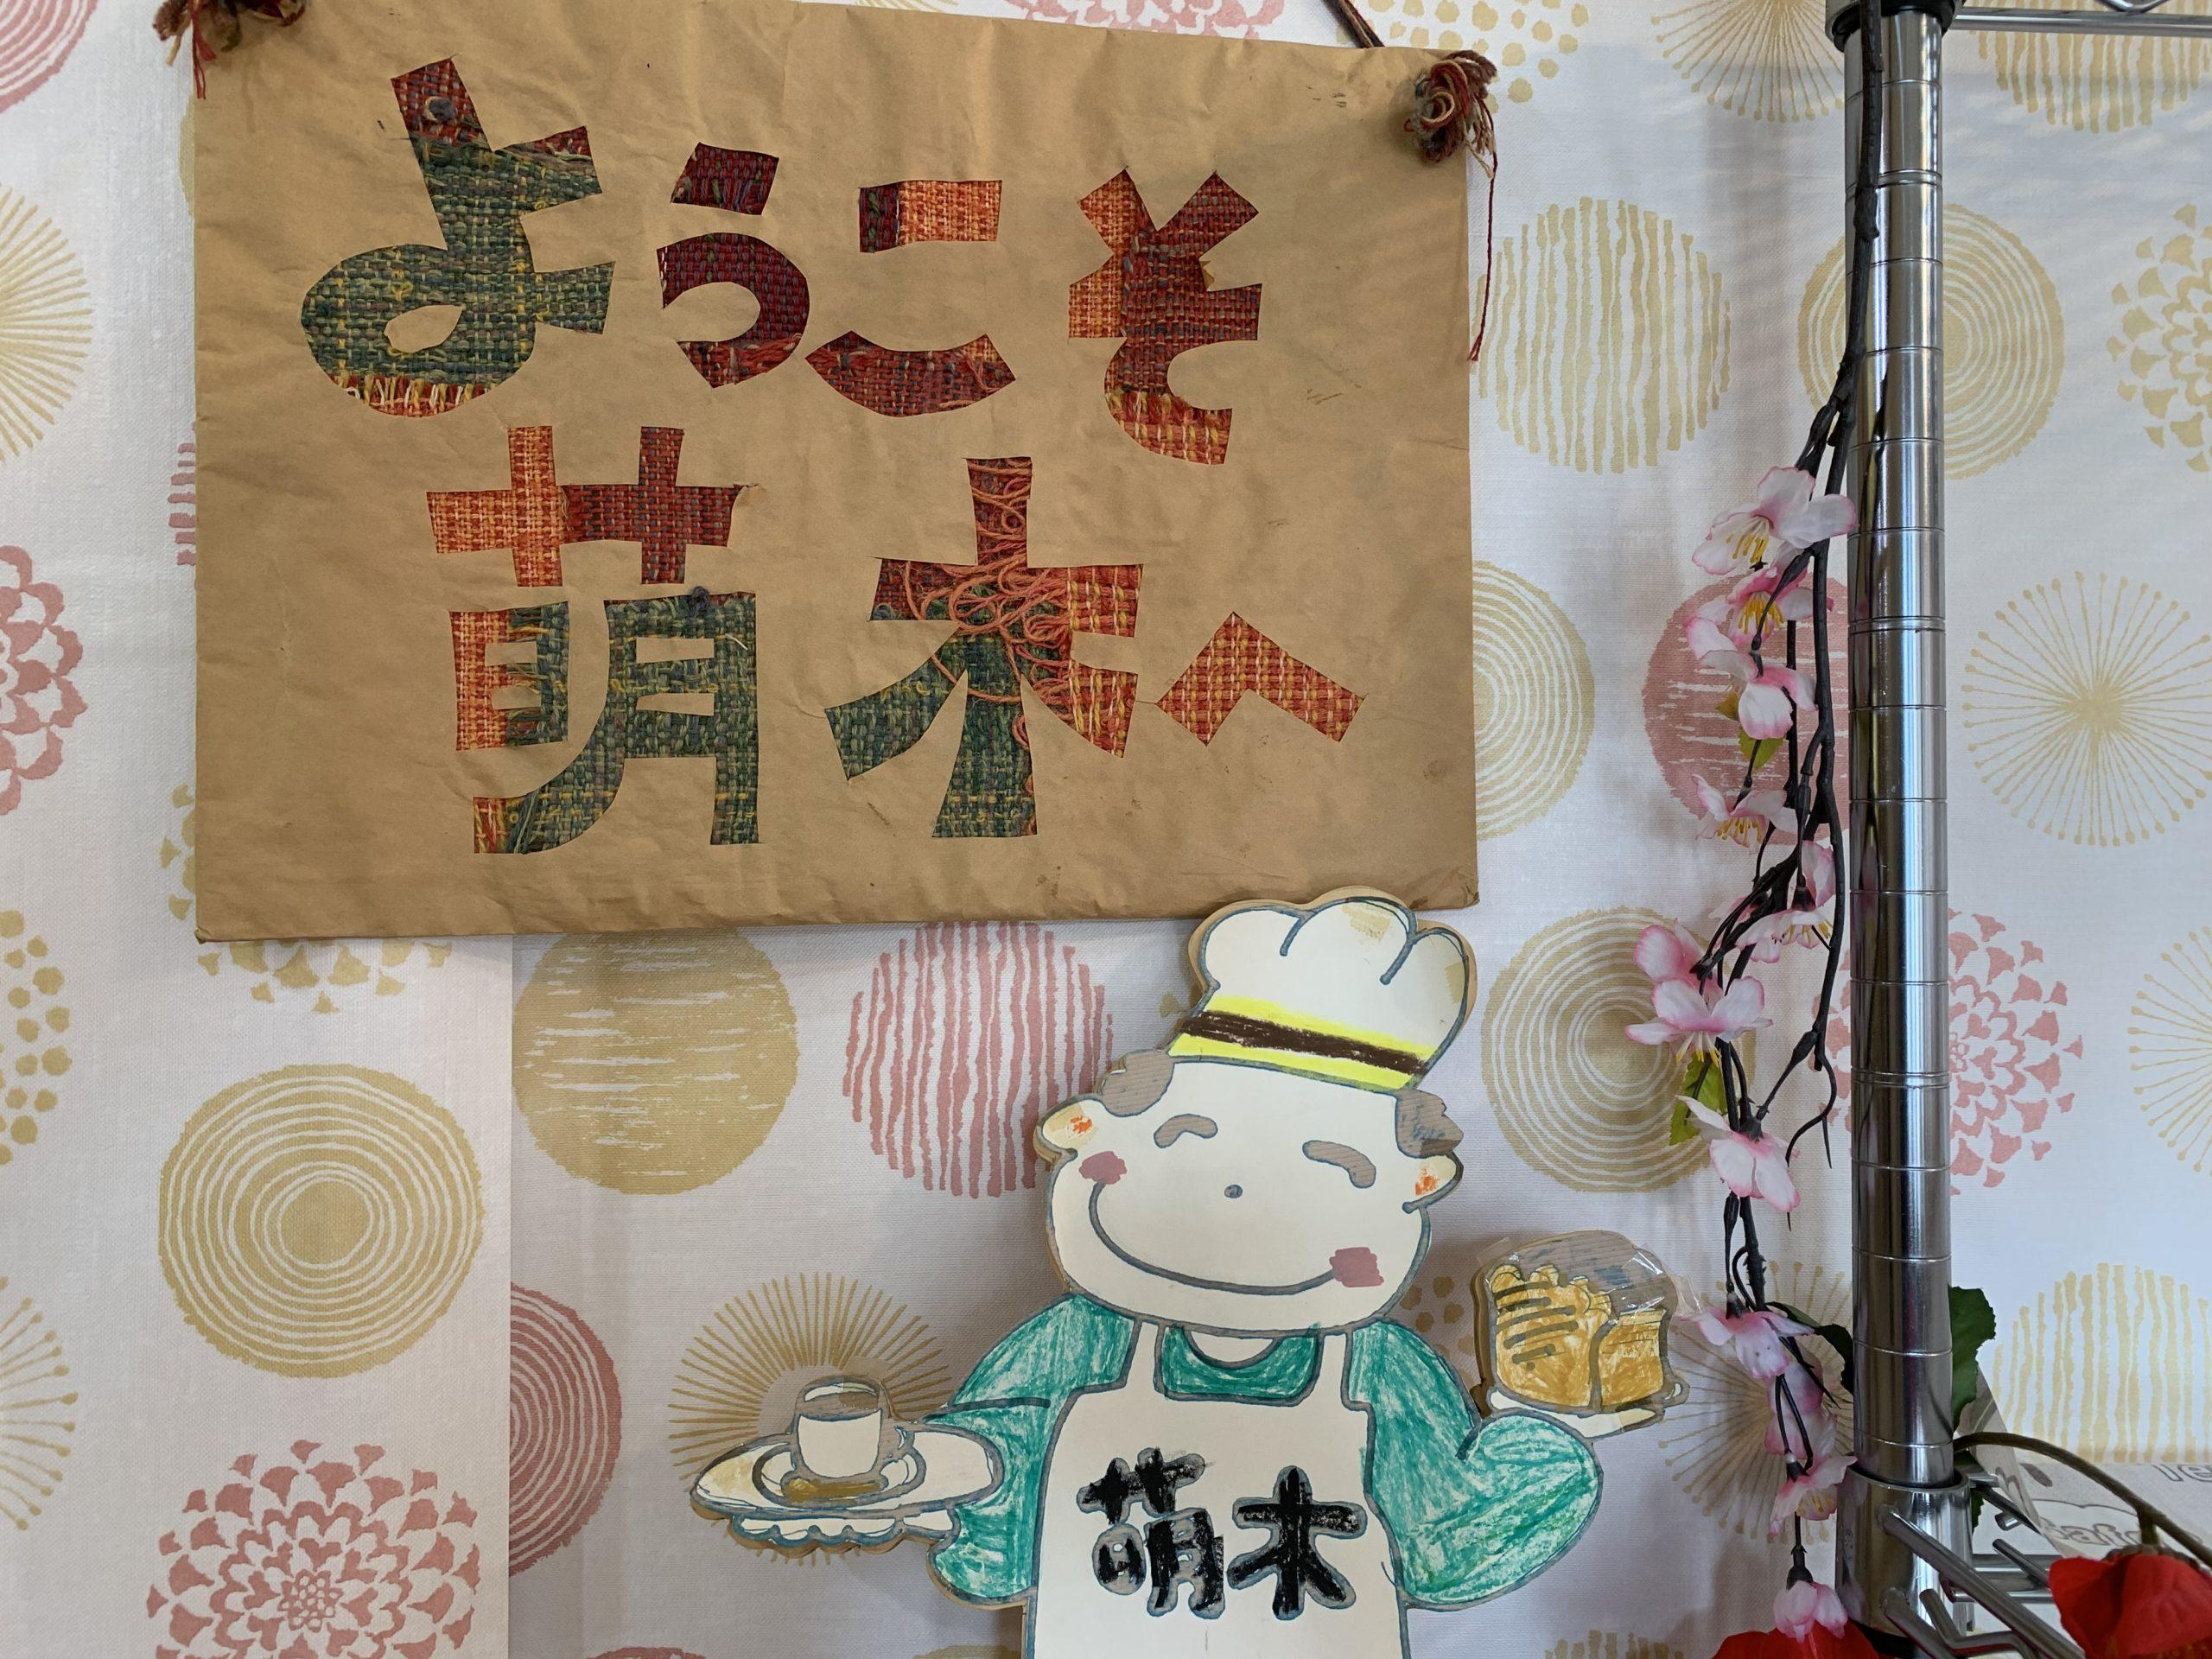 ベーカリー萌木・福祉の店イメージ画像ギャラリー